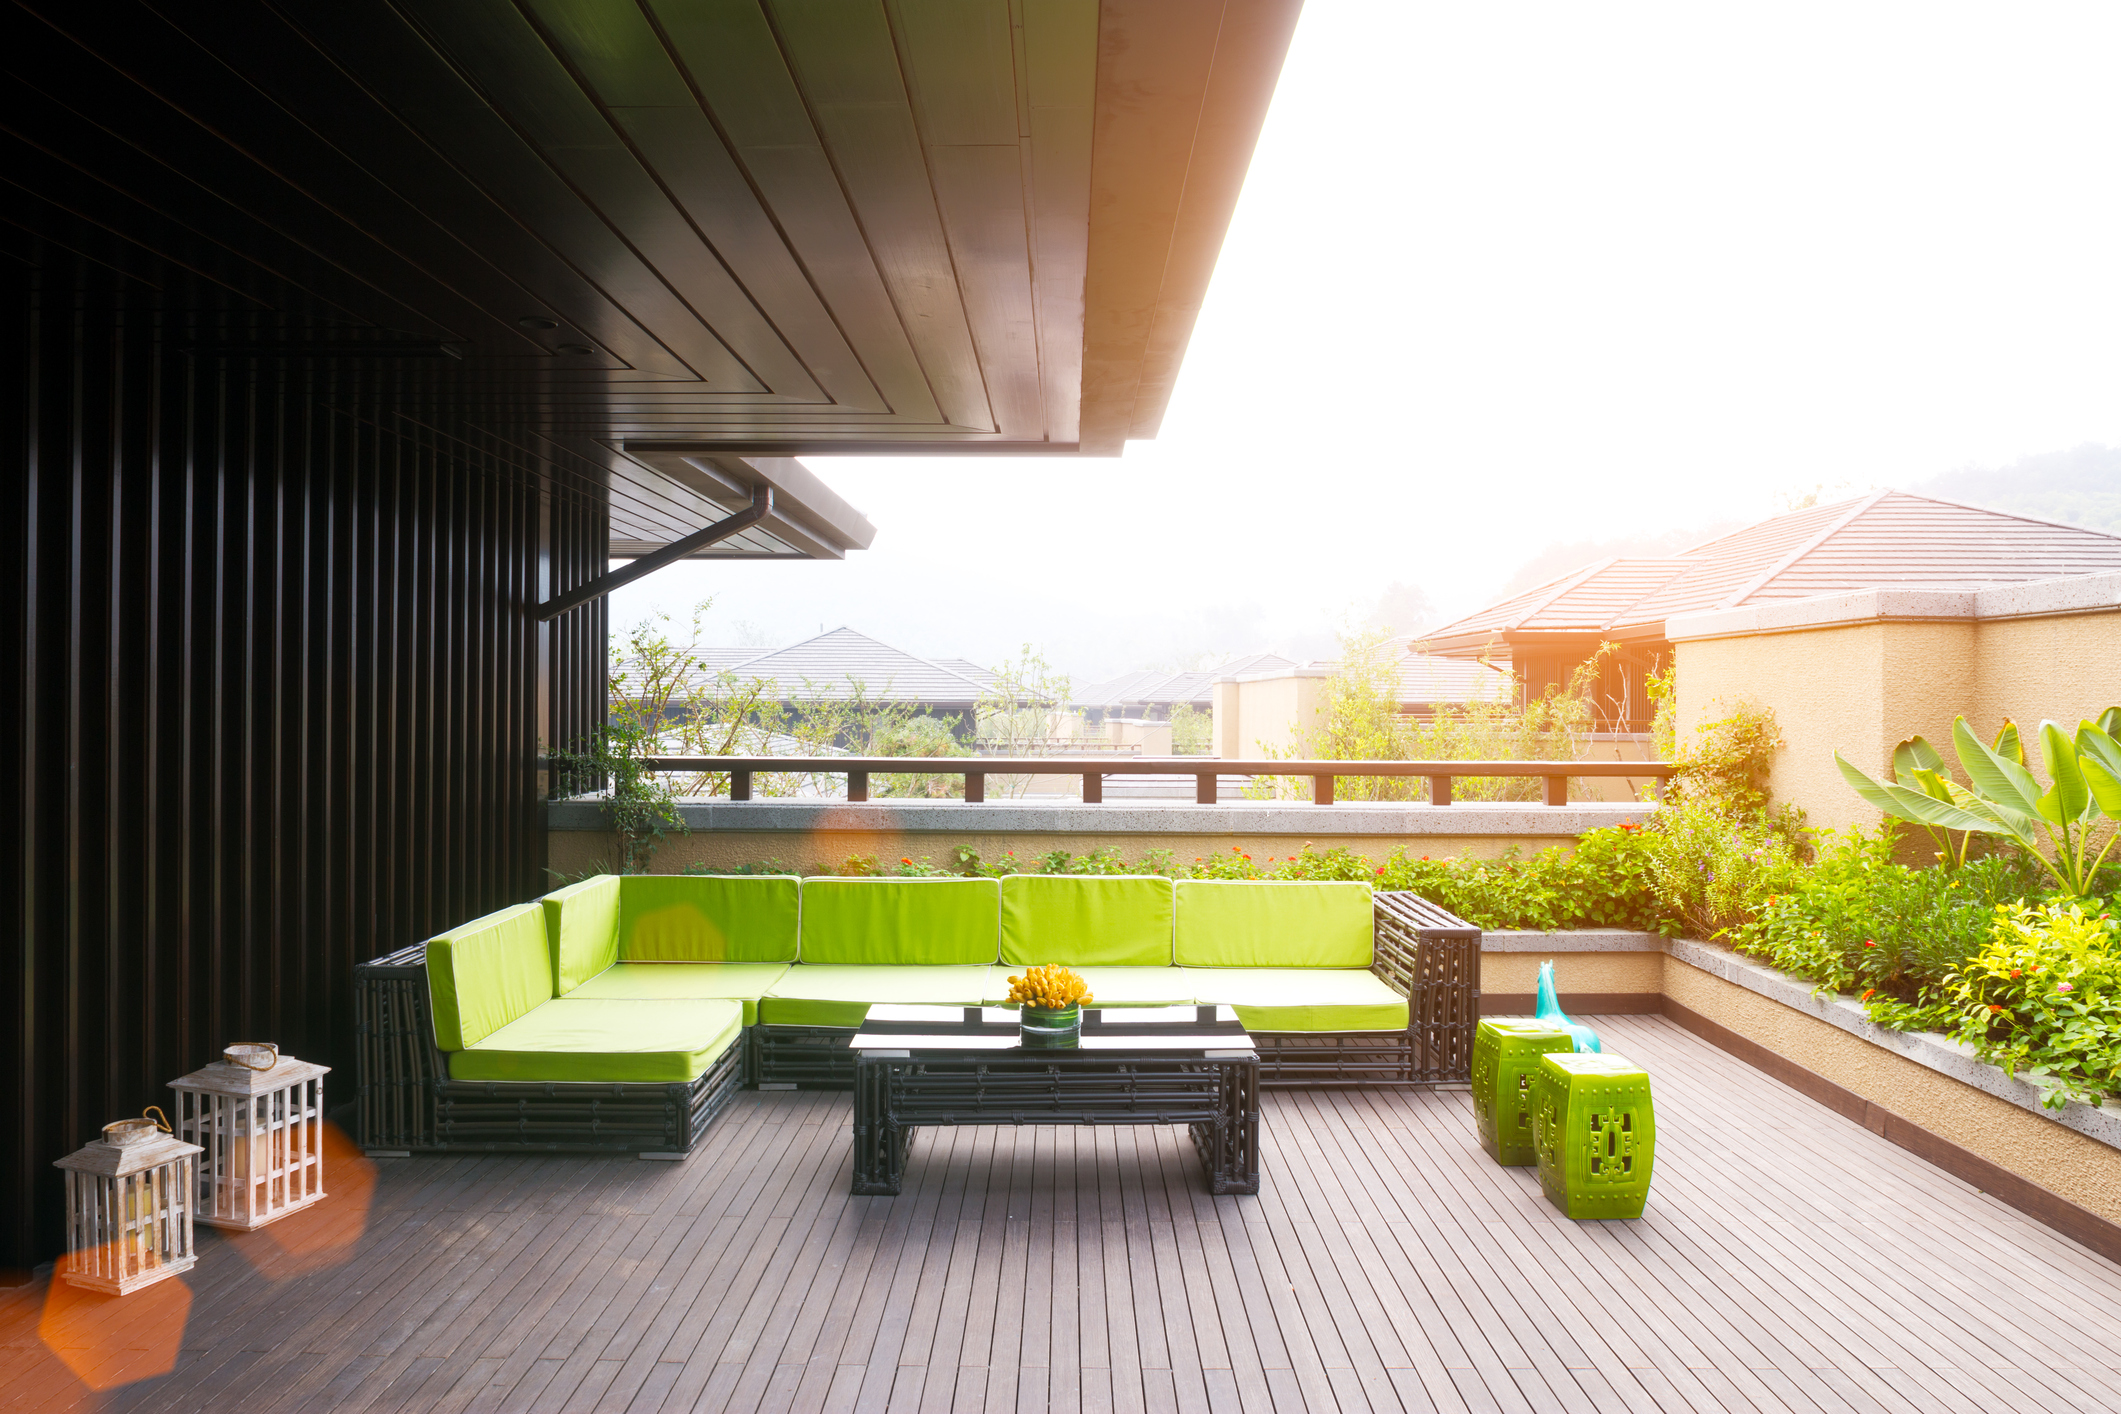 Recinzioni Da Giardino Economiche : Recinzioni per giardini e terrazze quali tipi e quali